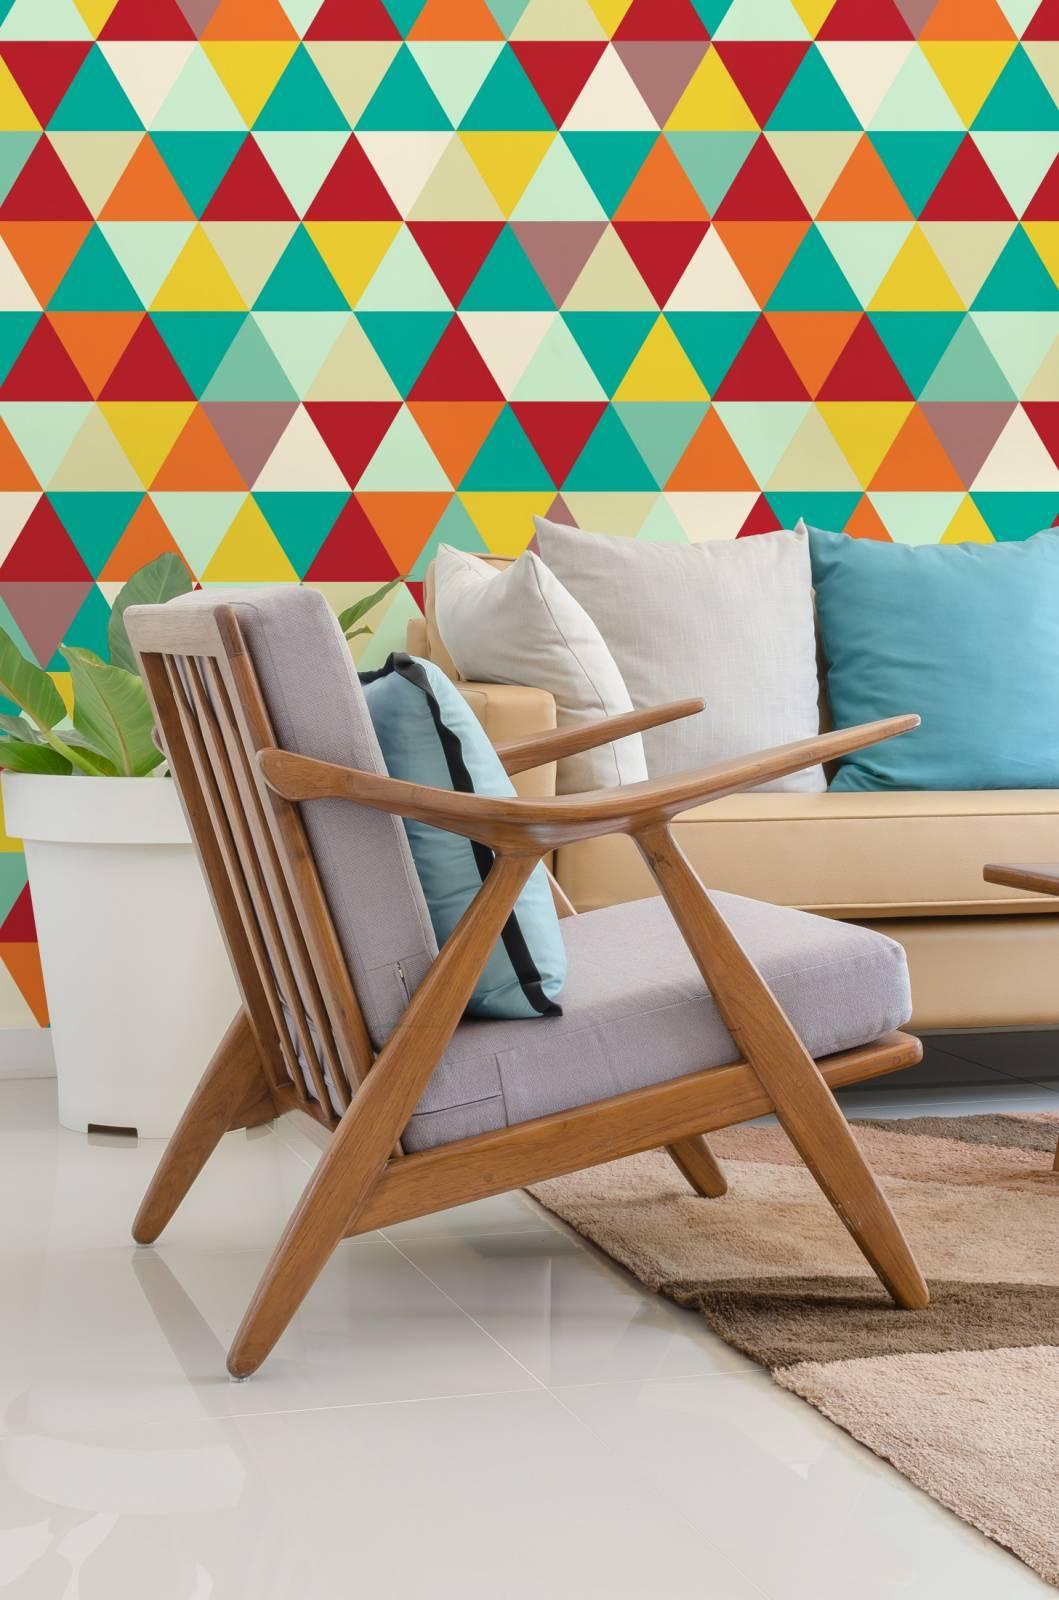 Papel de Parede Adesivo Geometrico Mosaico Colorido/Rolo  imagem 2